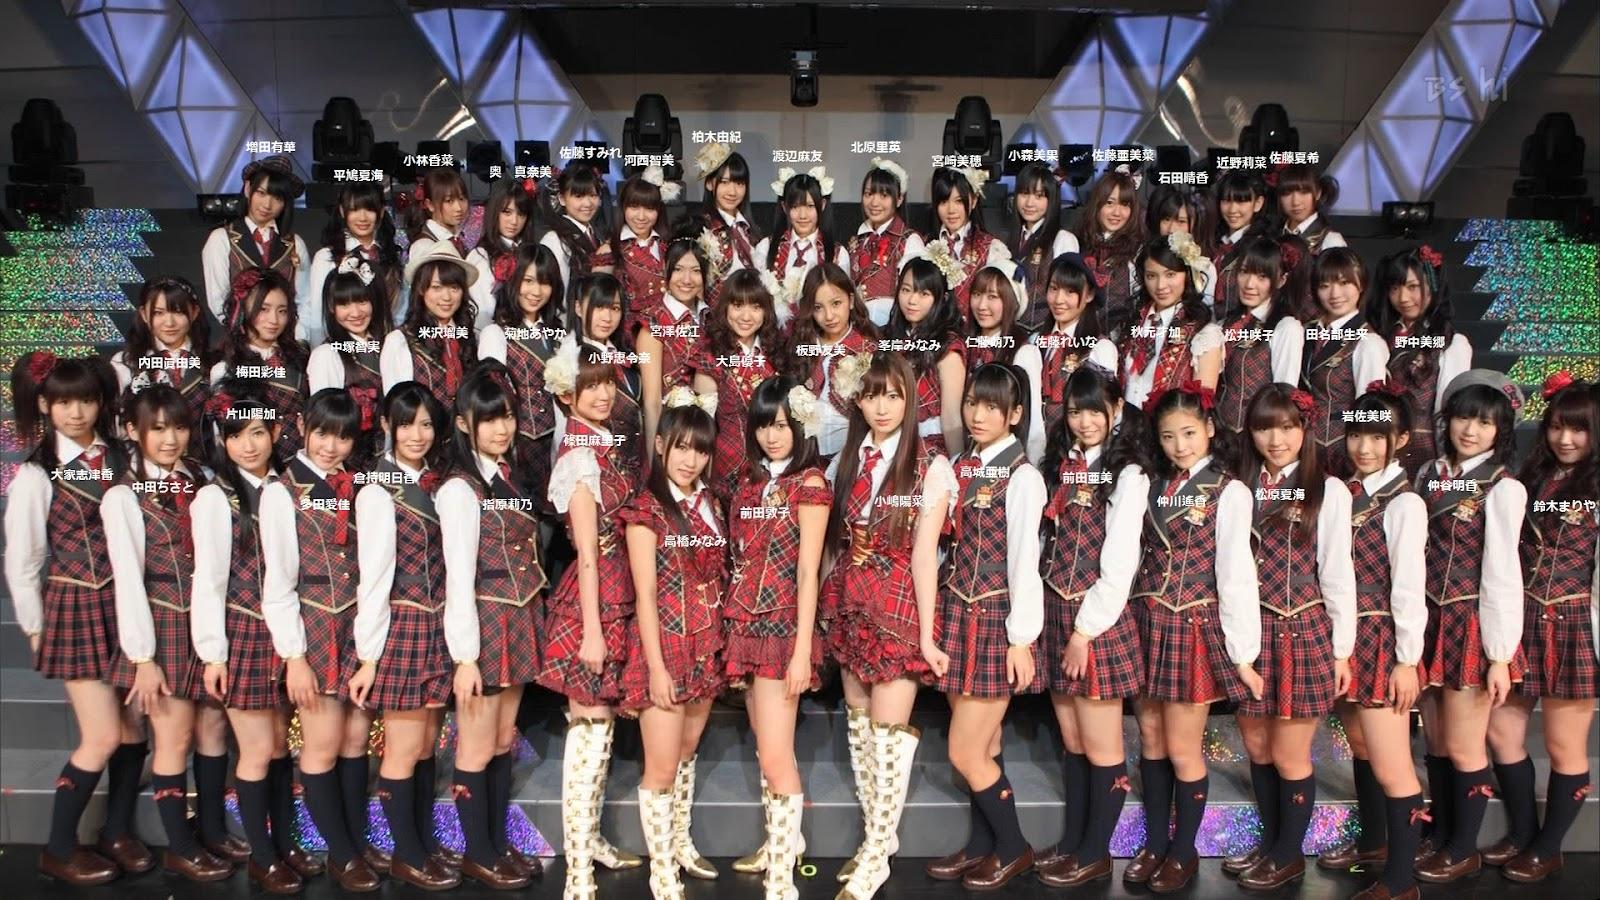 http://4.bp.blogspot.com/-8k7ByuAAxbU/UPvaGX1a2AI/AAAAAAAAYj4/yaKws3u41VQ/s1600/AKB48+Wallpaper+HD+8.jpg